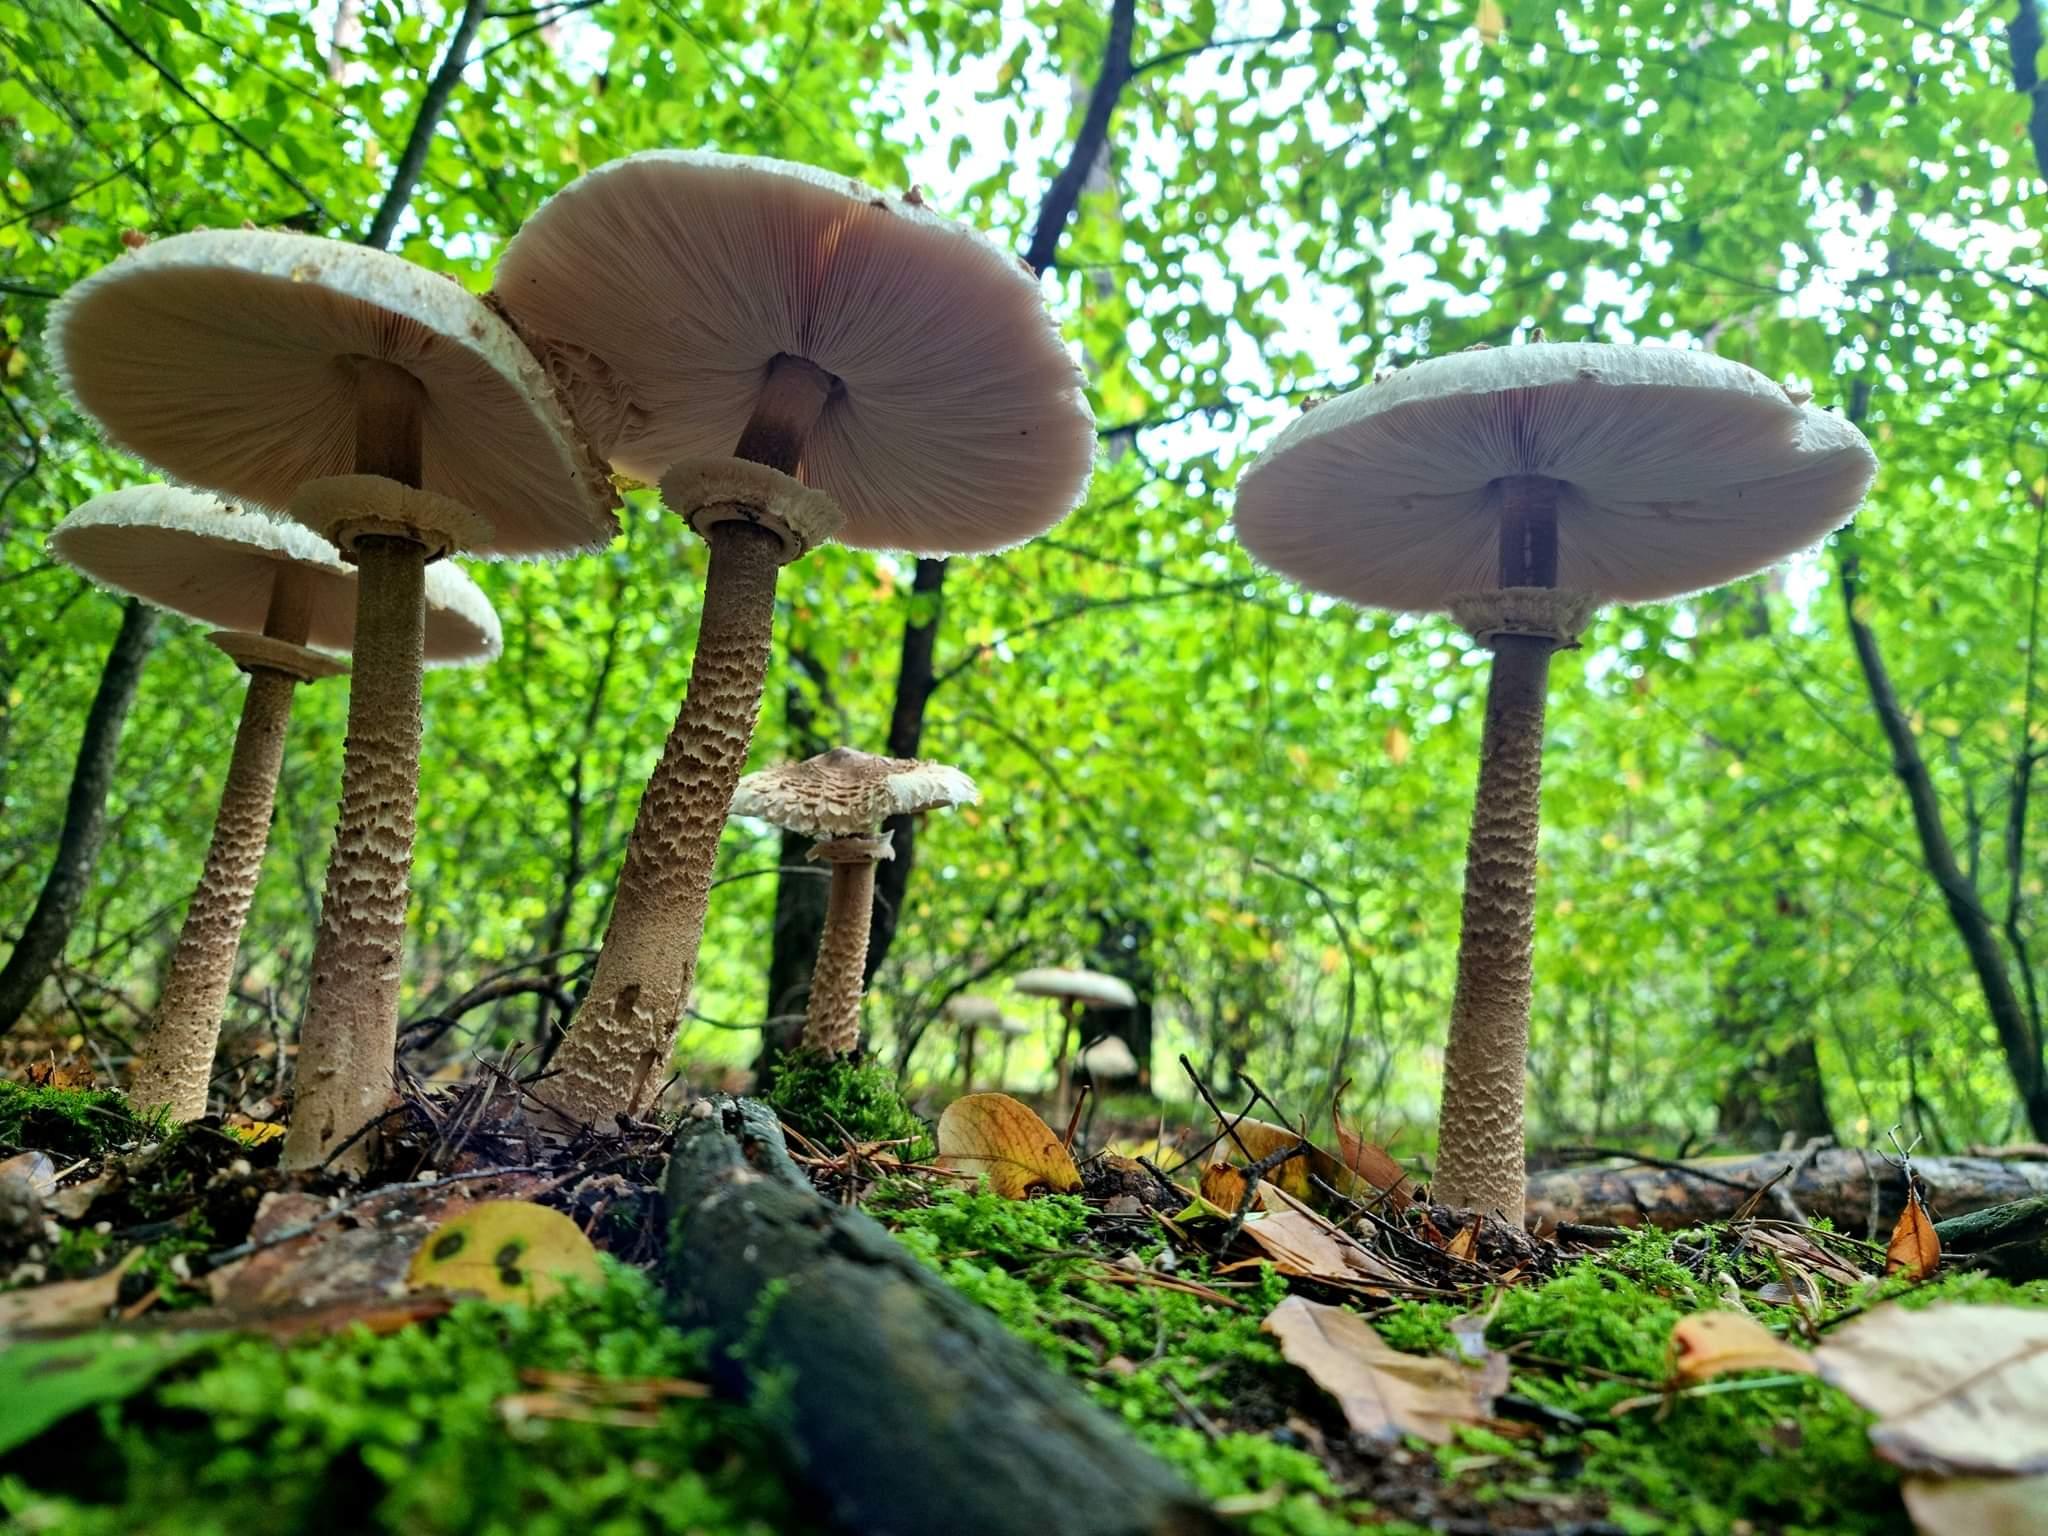 Fascynujący świat grzybów – część pierwsza, muchomory